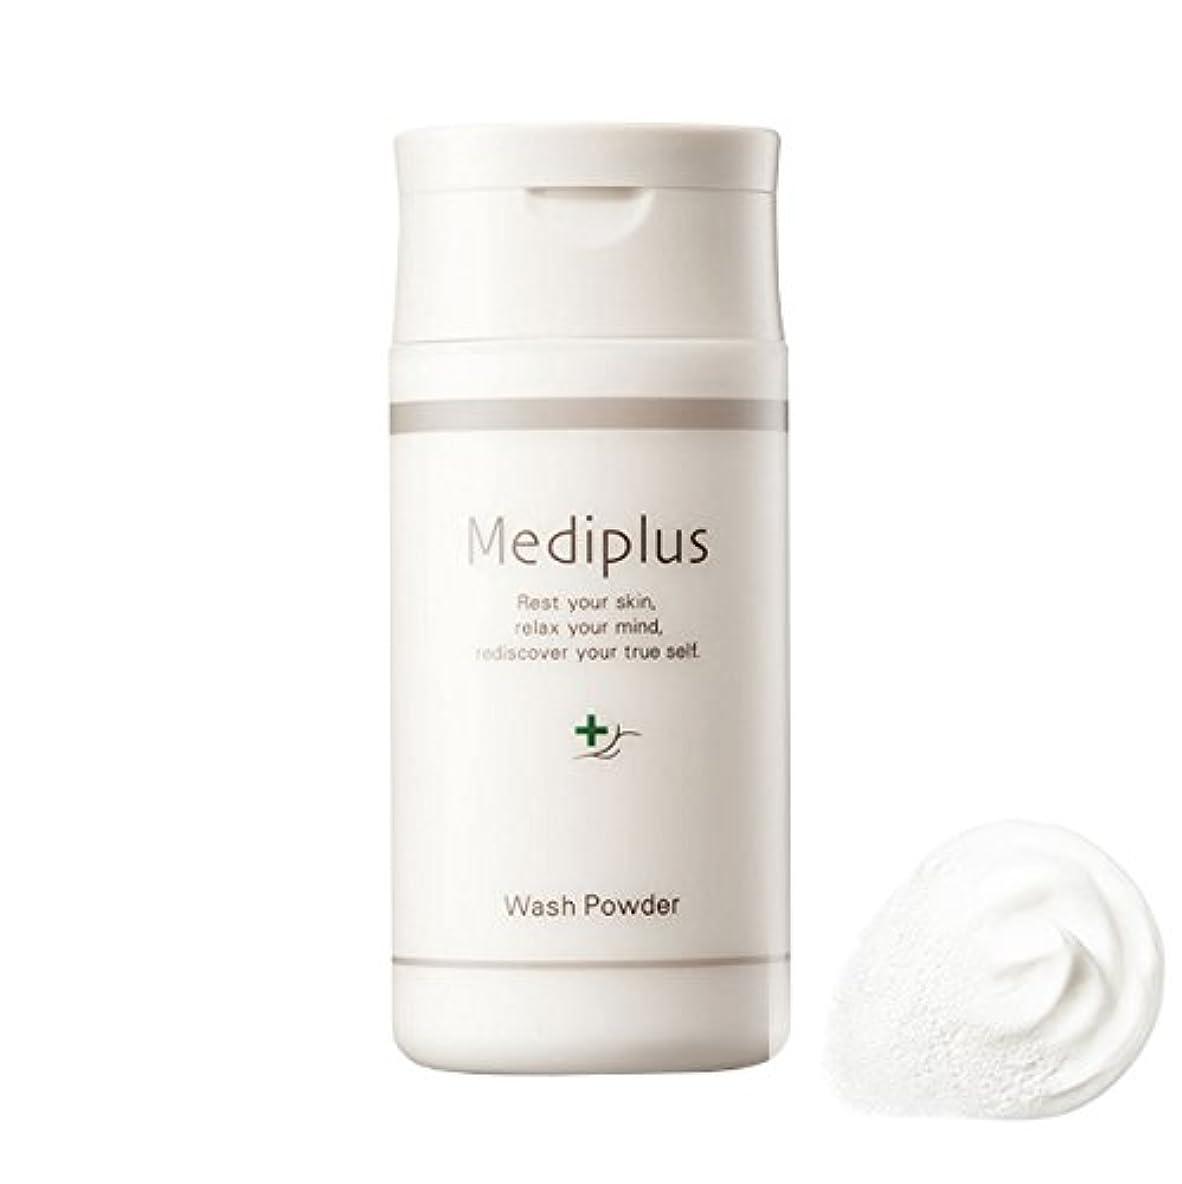 アクセントオアシス抽象化【Mediplus+】 メディプラス 酵素洗顔料 ウォッシュパウダー 60g [ パパイン酵素 毛穴ケア ]